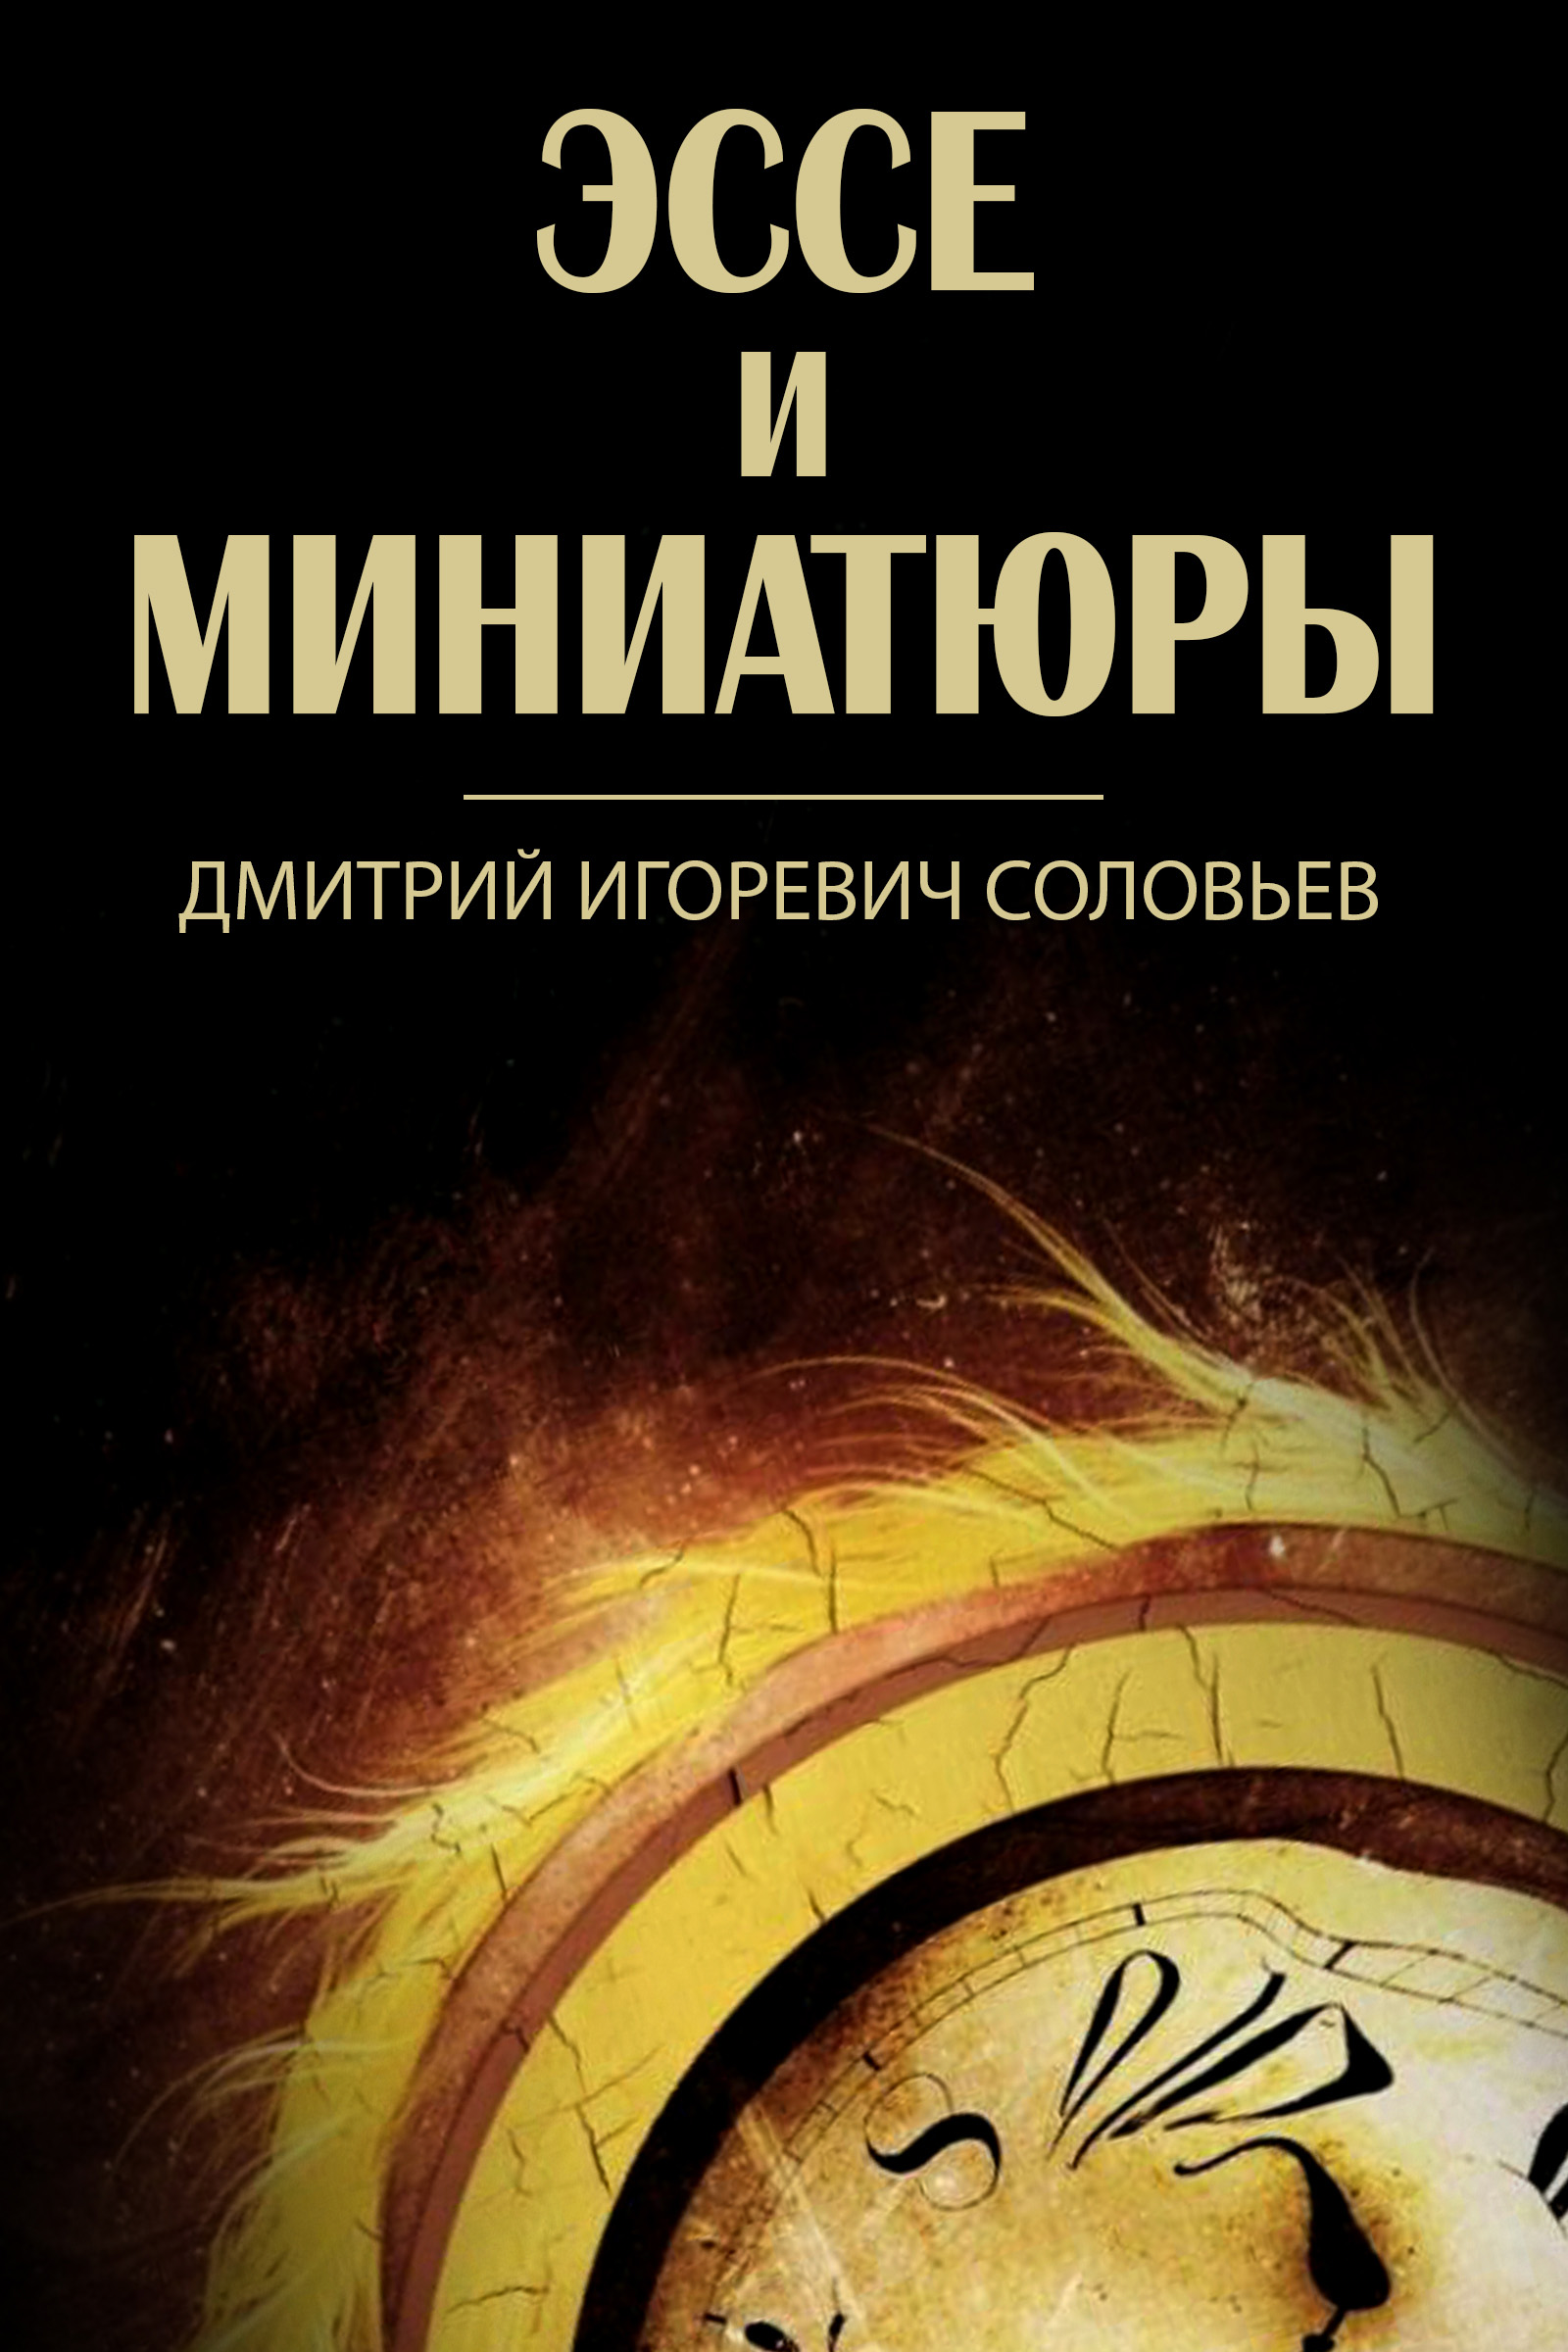 Дмитрий Соловьев Эссе и миниатюры (сборник) дмитрий левочский режимбога